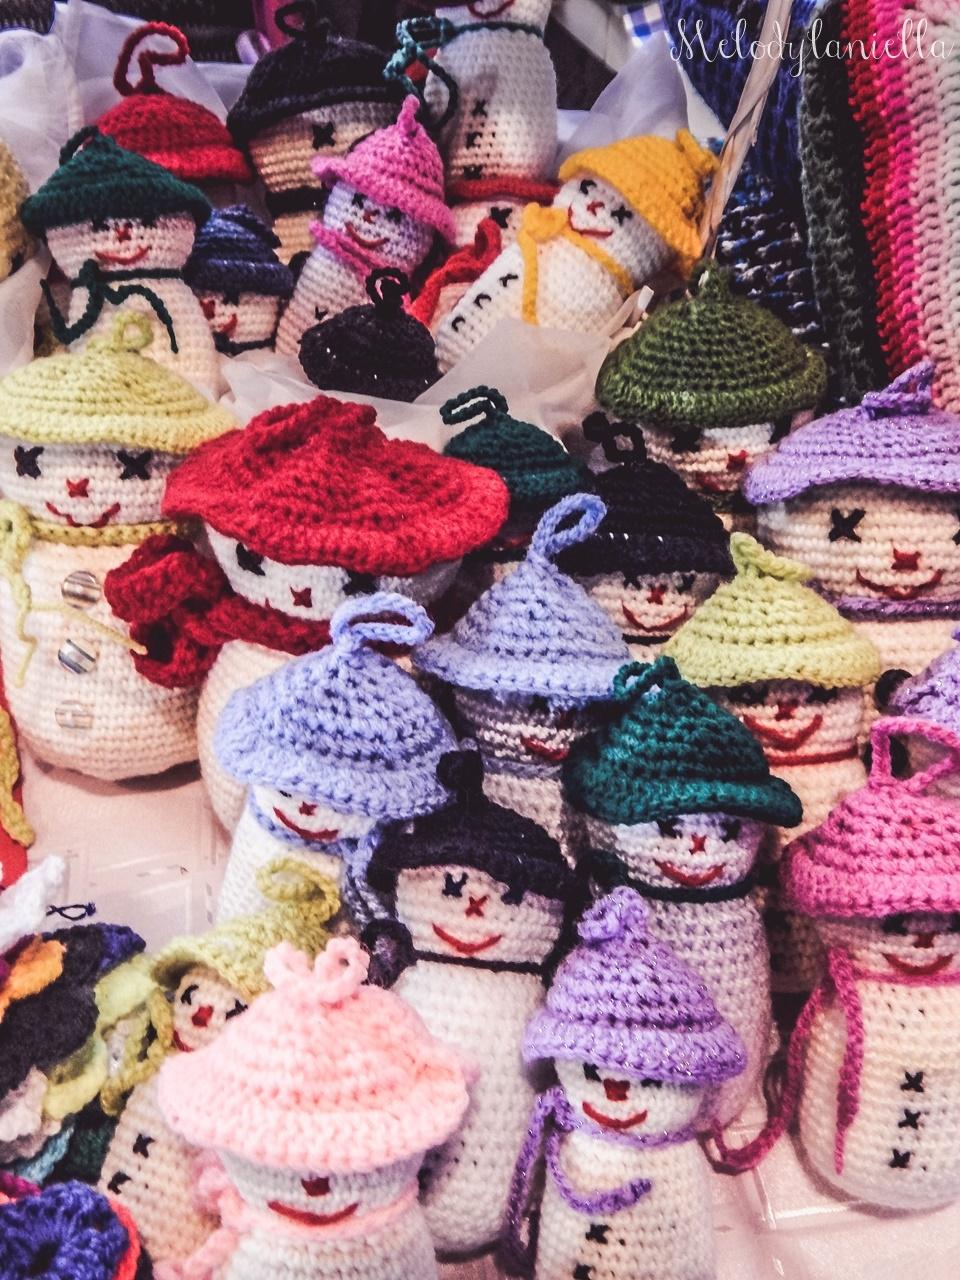 18 nietypowy jarmark świąteczny piotrkowska 217 co dzieje się w łodzi dwukropek ogrody zofii bożonarodzeniowy jarmark targ świąteczny świat z lukru pierniki świąteczne łódź biżuteria handmade piando zigner